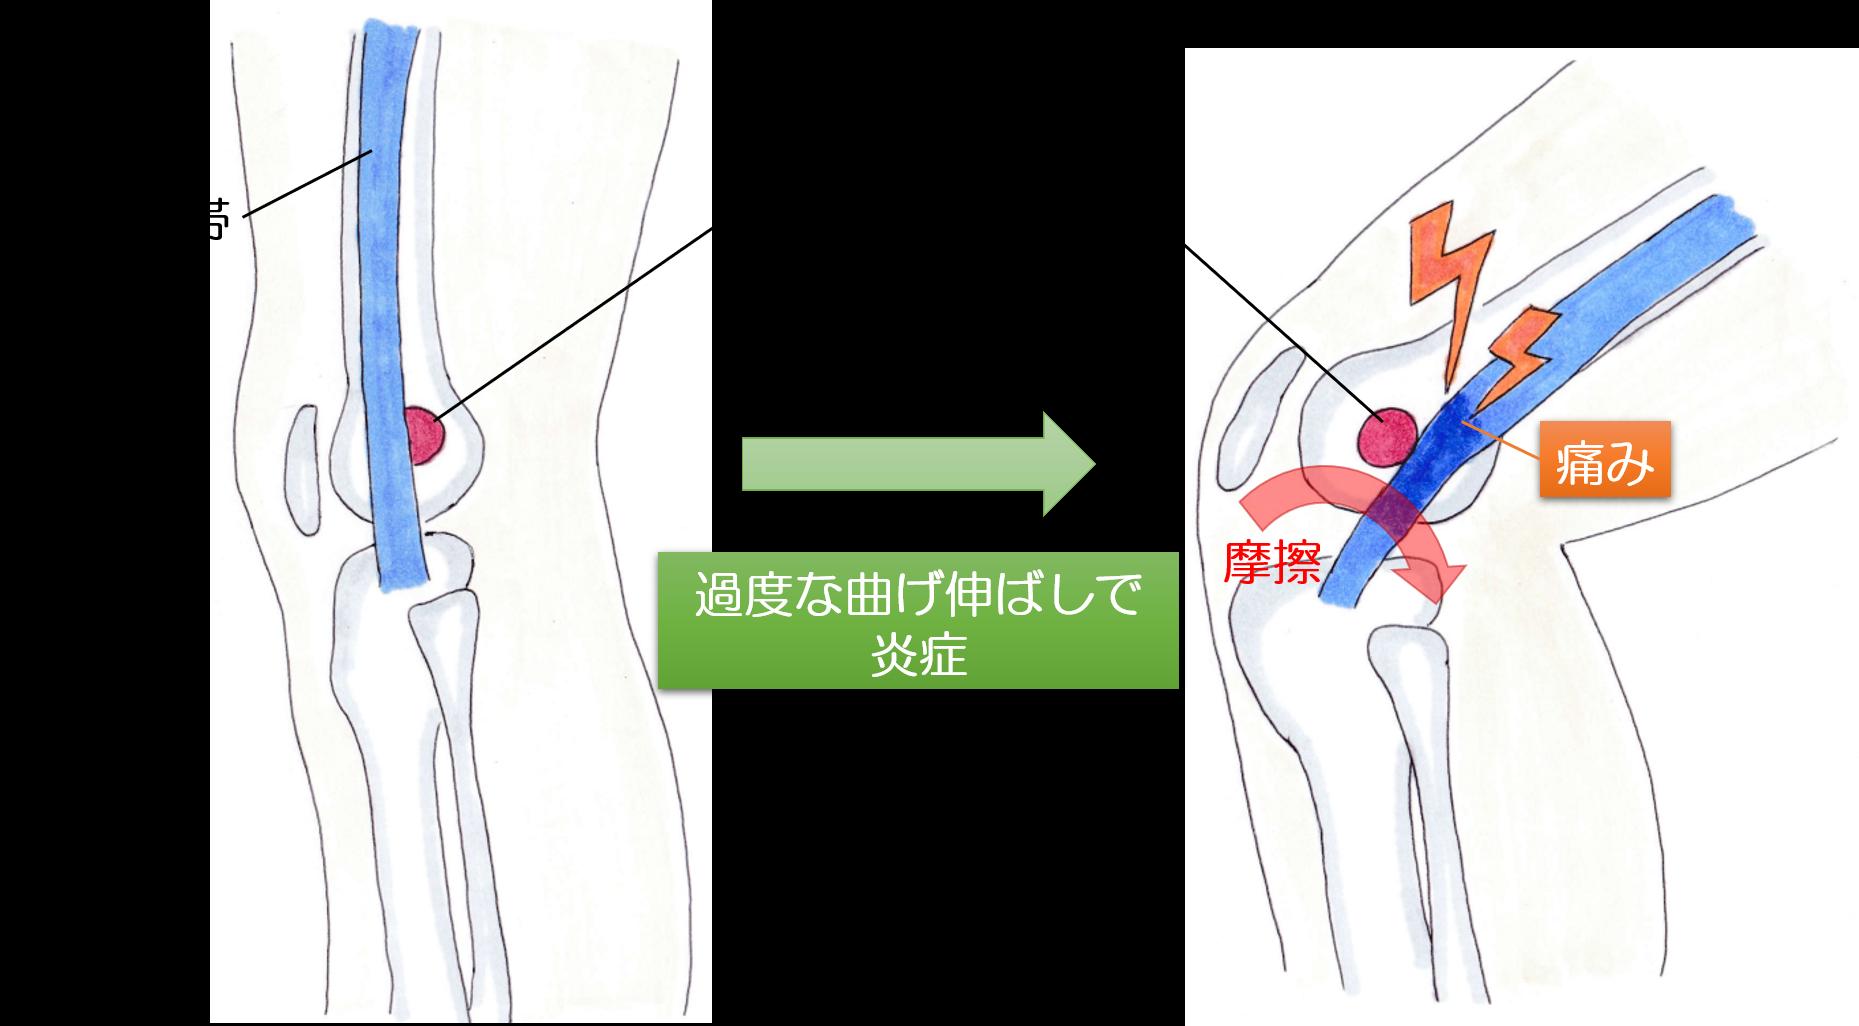 ランナー膝の画像